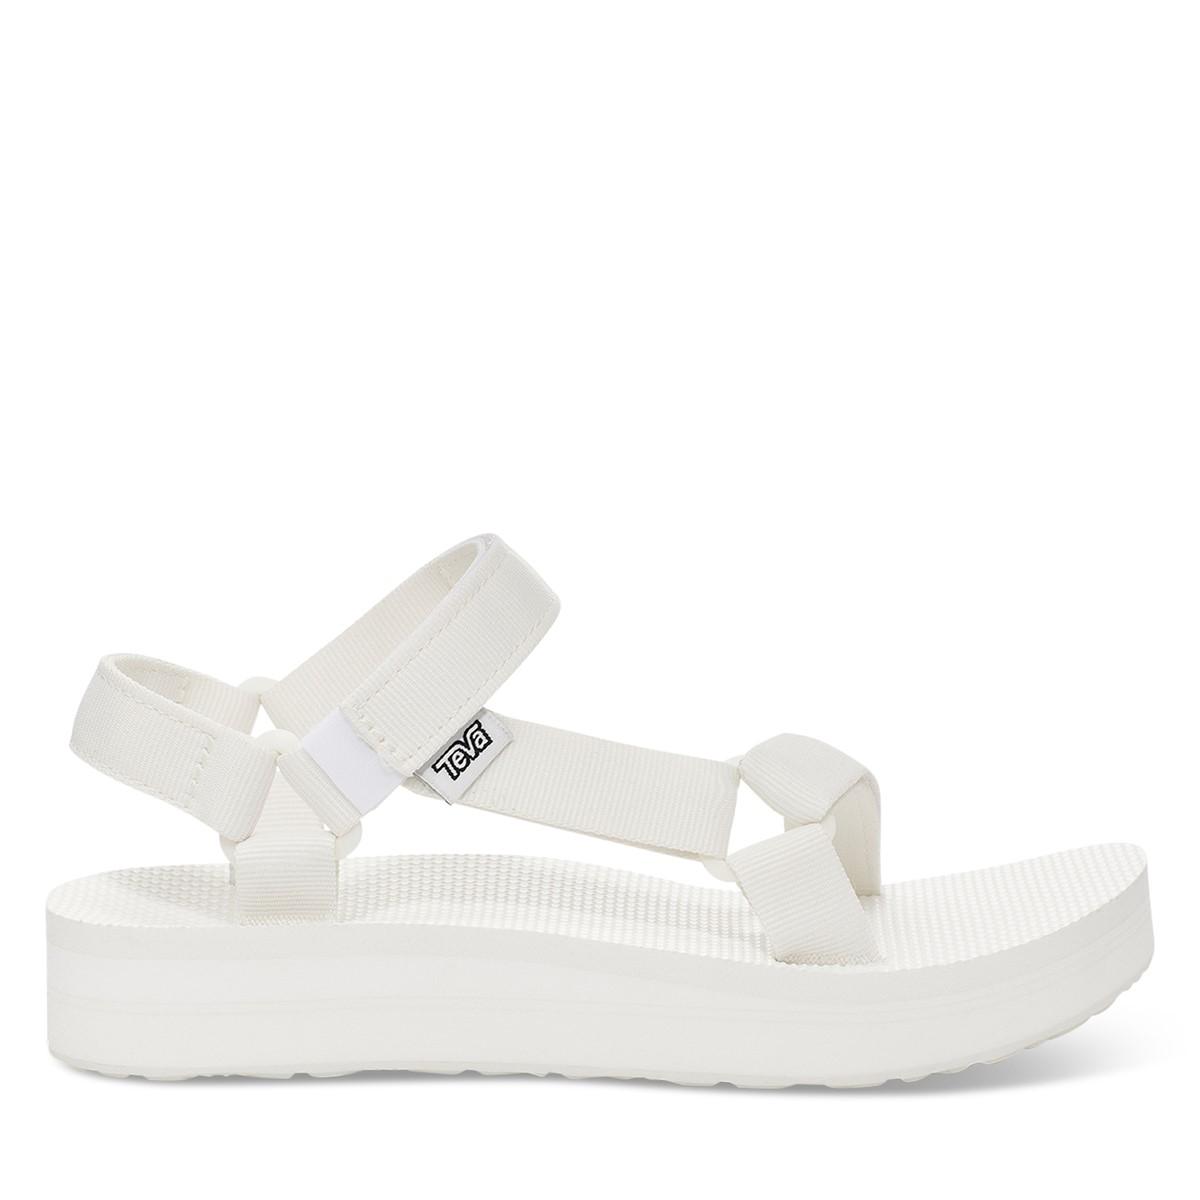 Women's Midform Universal Platform Sandals in White